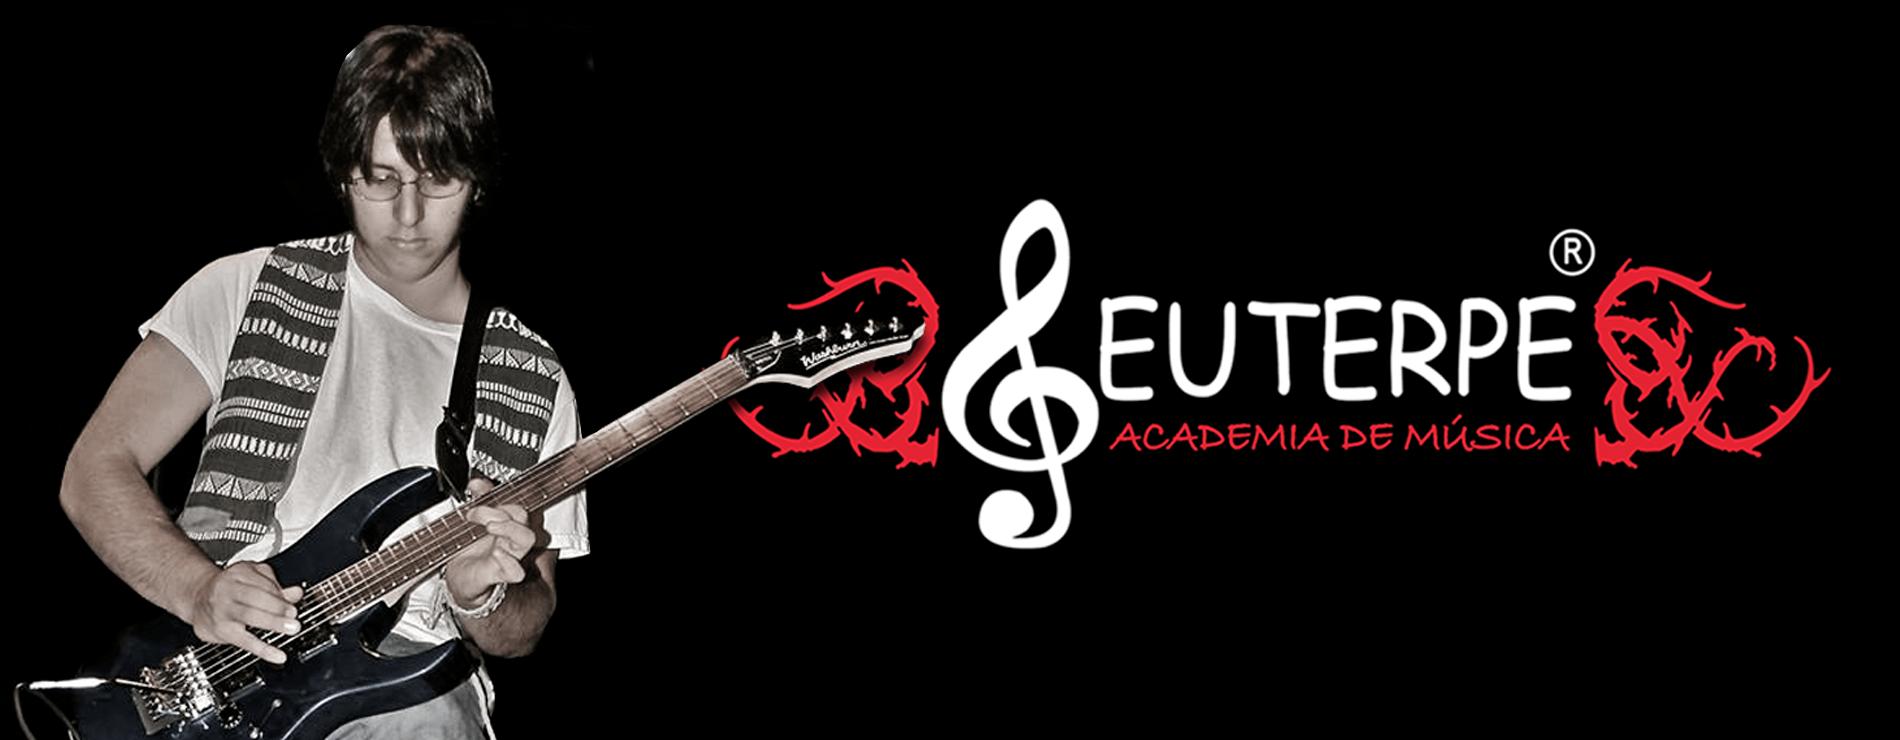 Euterpe Academia de Música